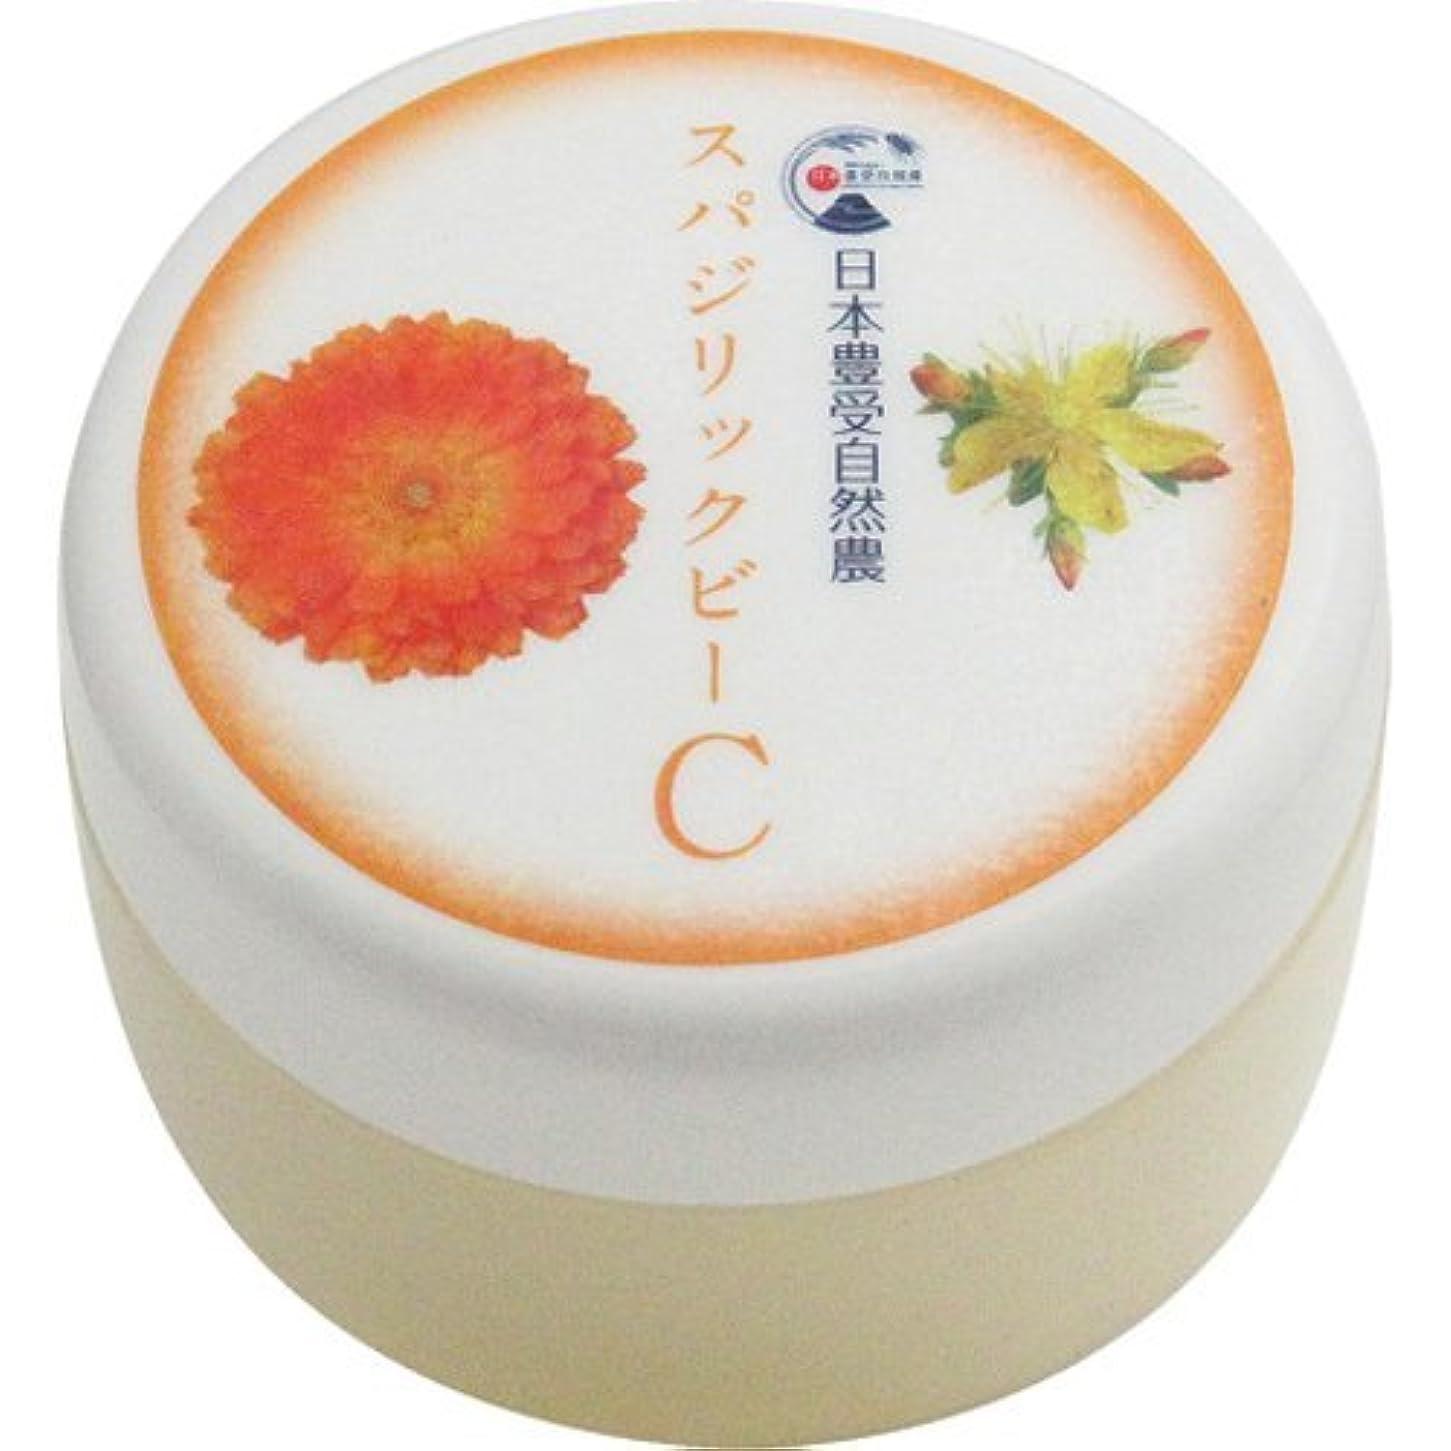 過剰忙しい技術日本豊受自然農 スパジリック ビーC(大) 45g